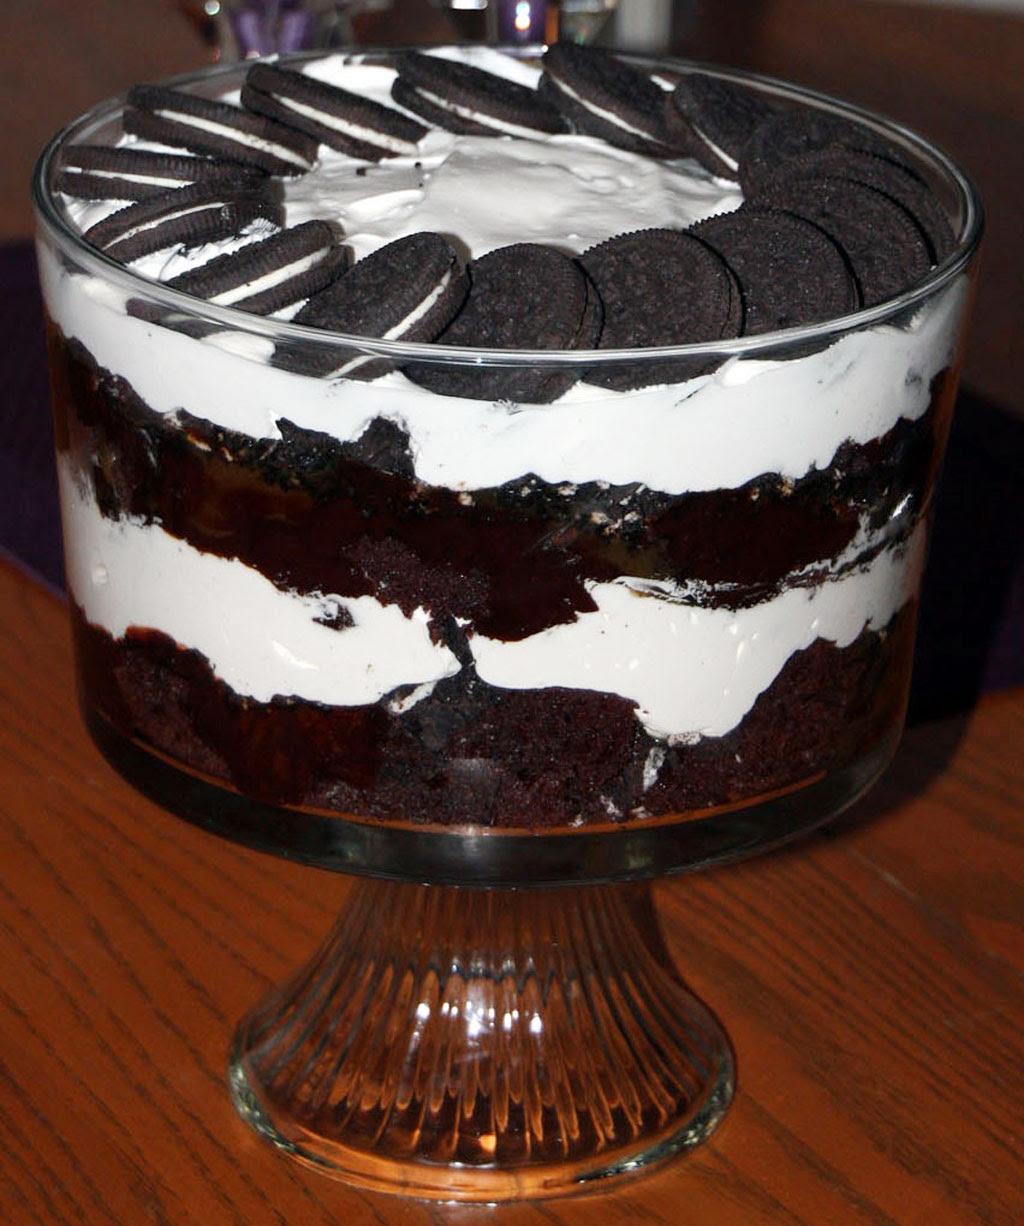 Chocolate Christmas Dessert With Oreo Chocolate Cake ...